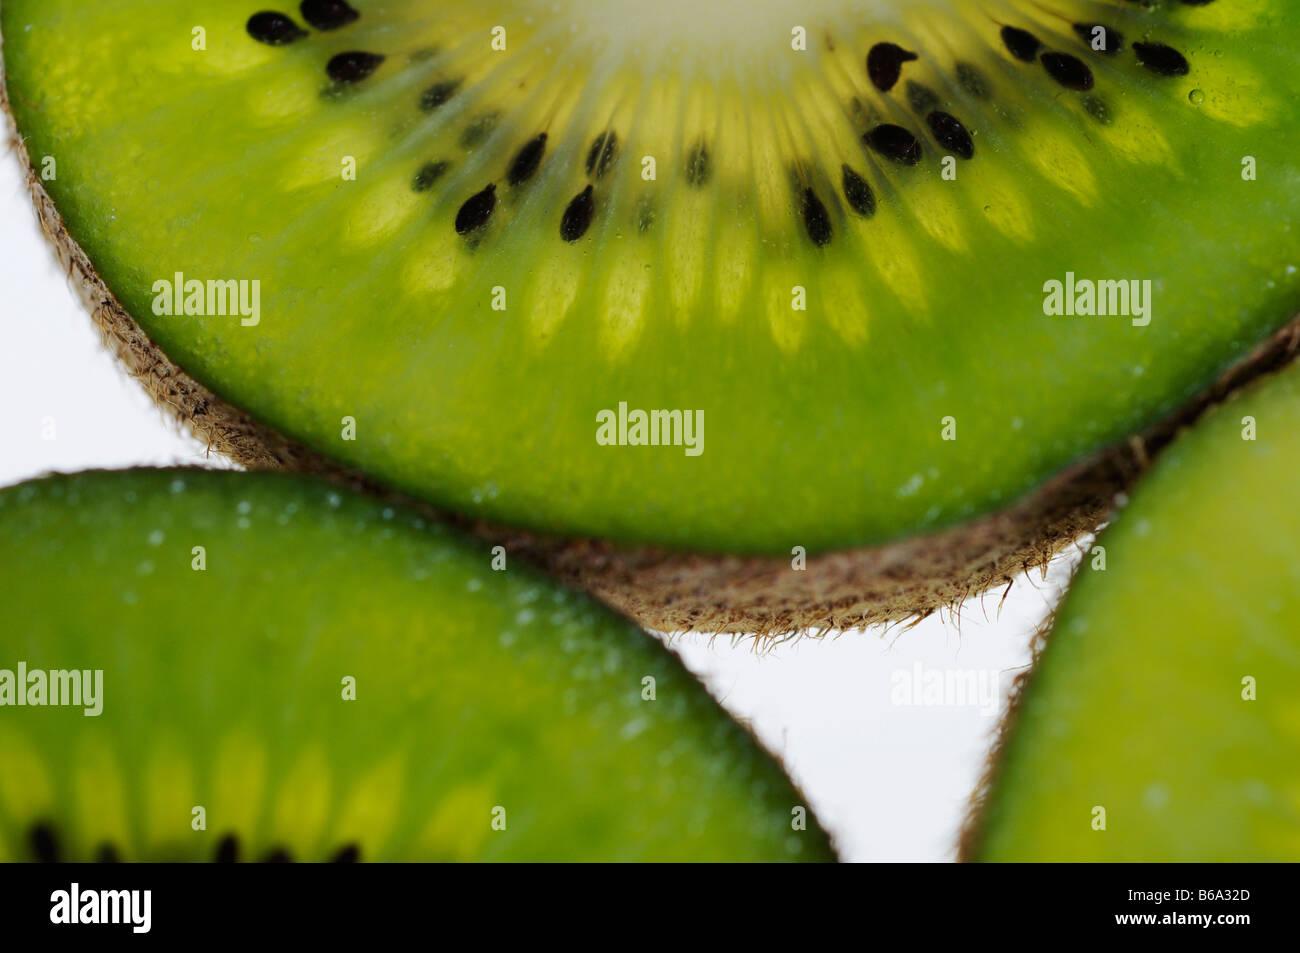 Large hayward kiwi - Stock Image